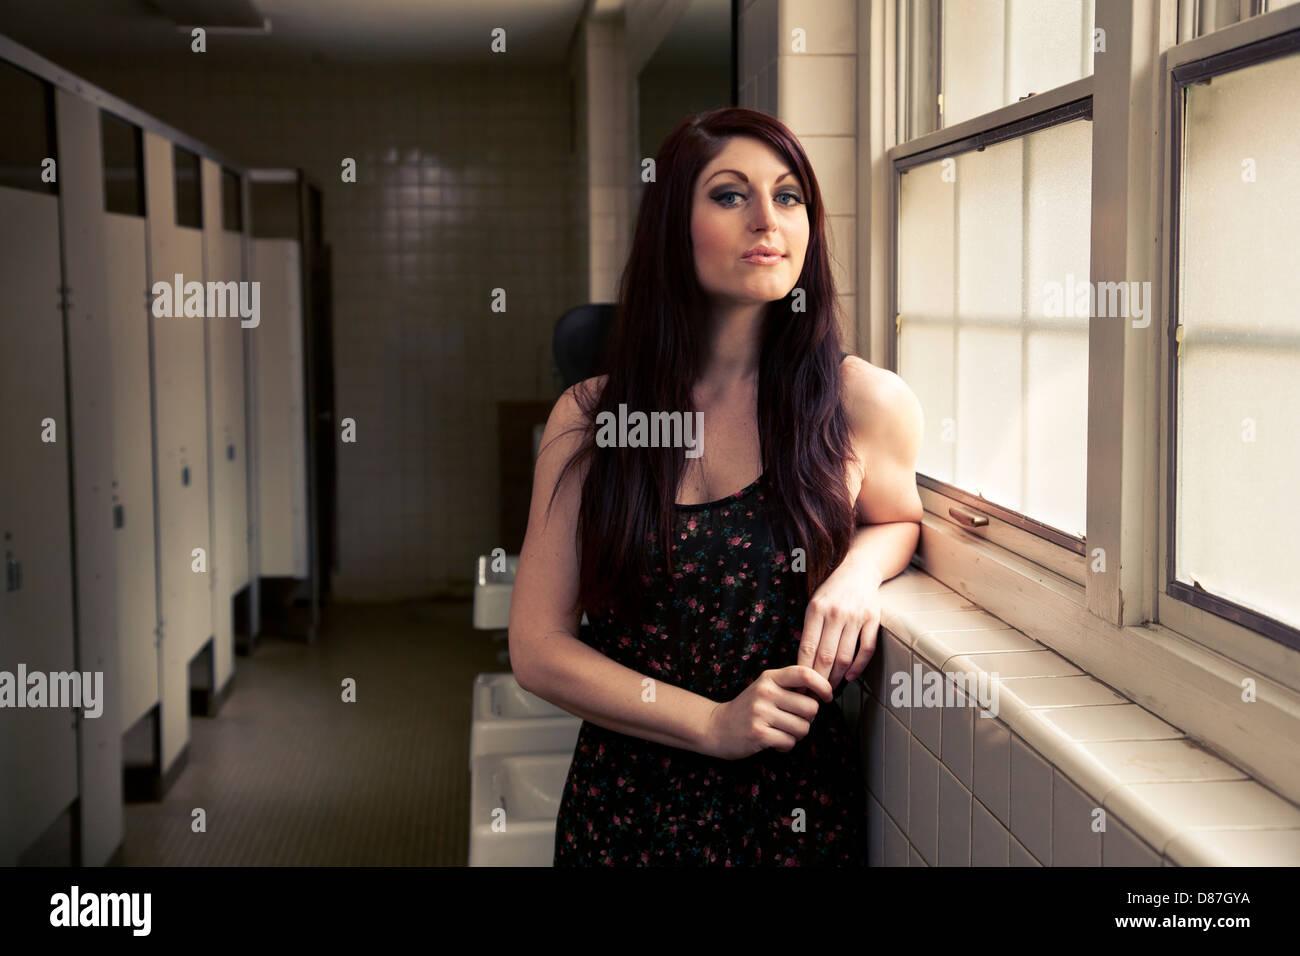 Femme debout à côté de fenêtre dans salle de bains publique Photo Stock